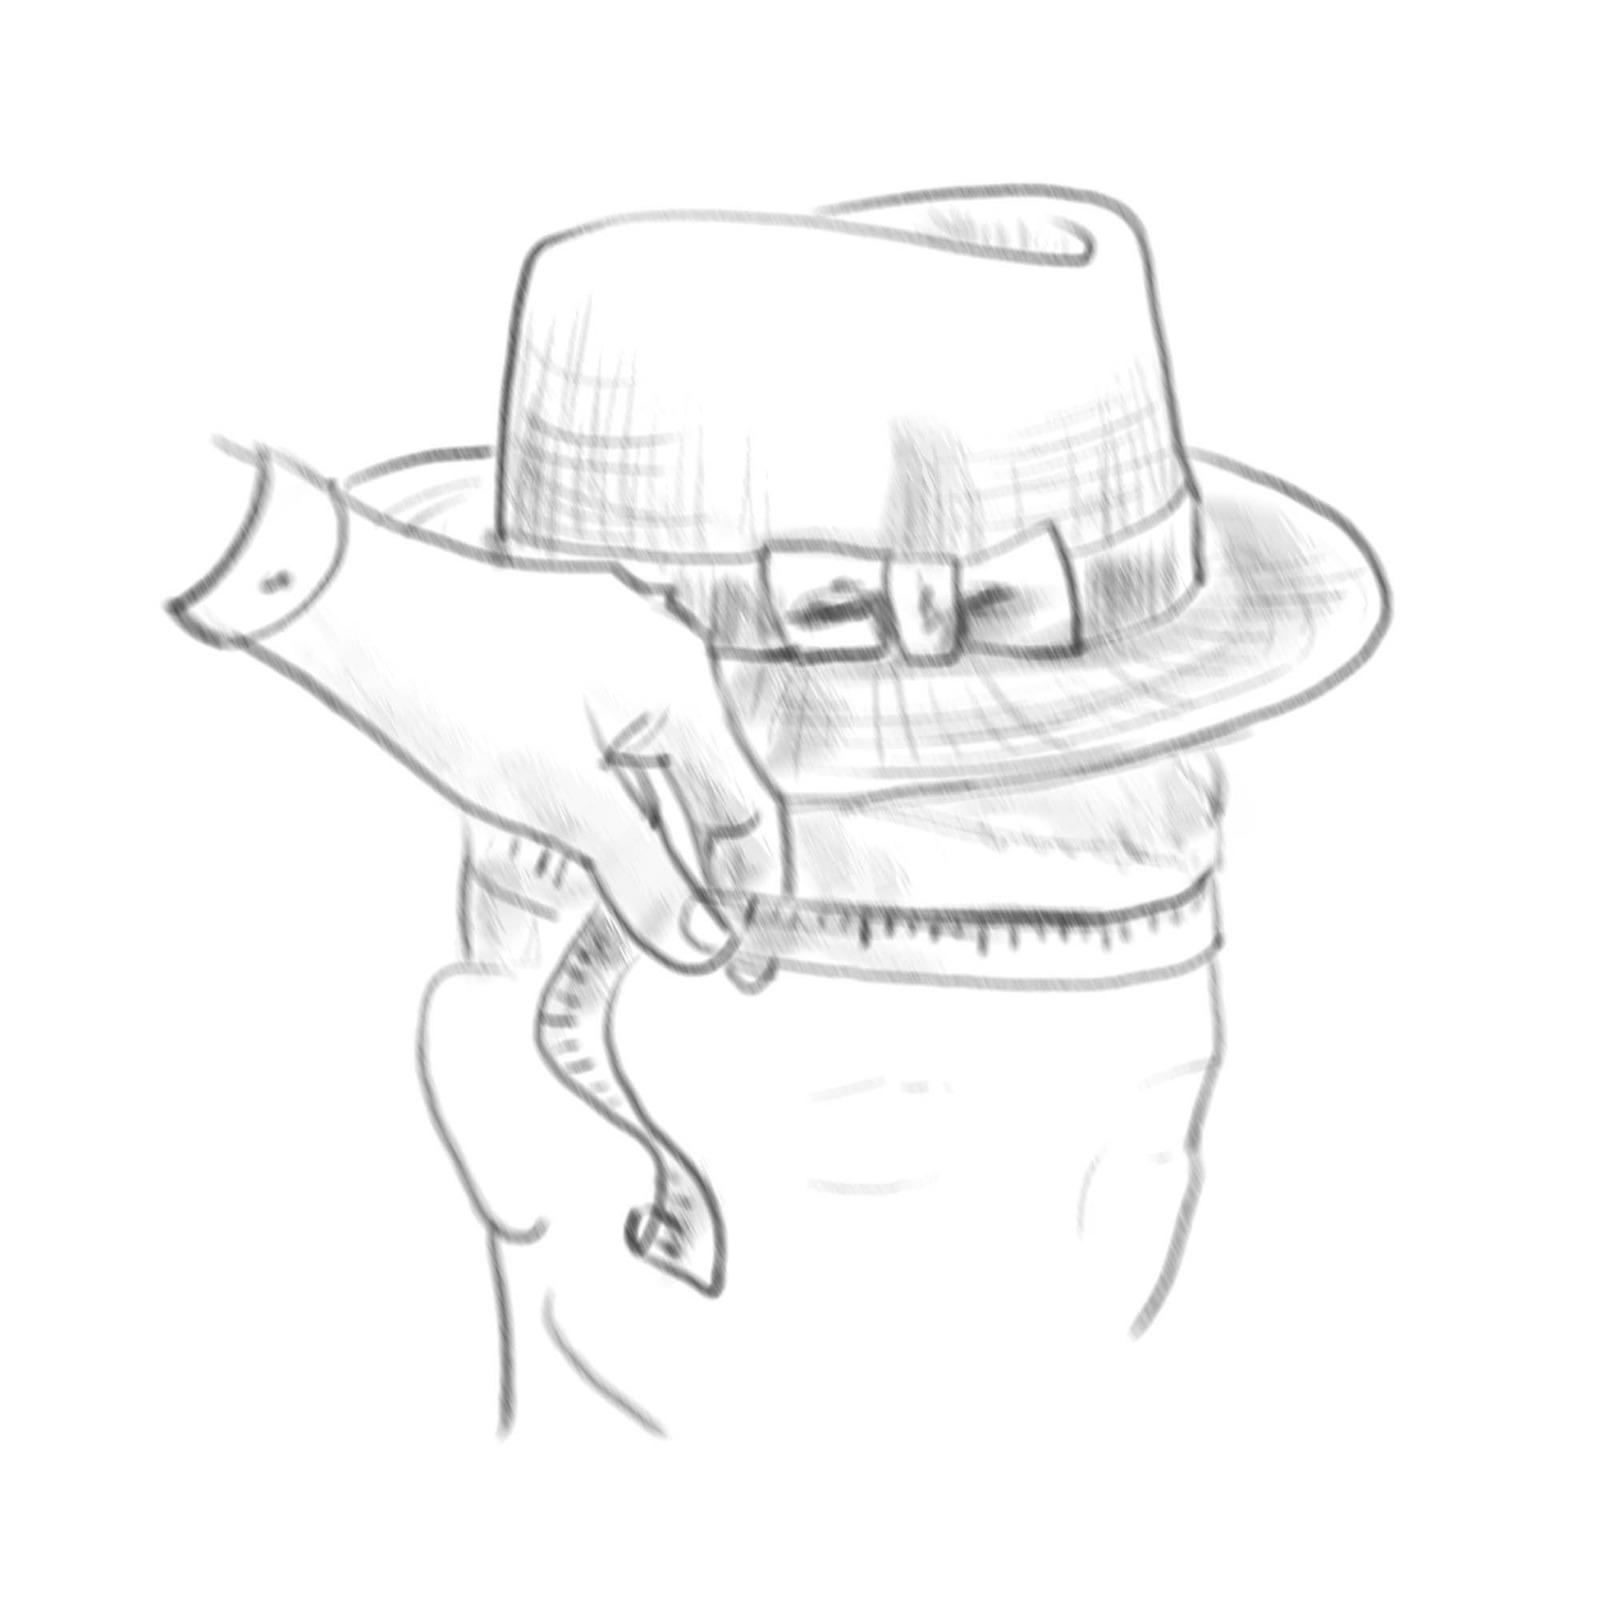 Jak zjistím svou velikost klobouku? - Carlsbad Hat Co.